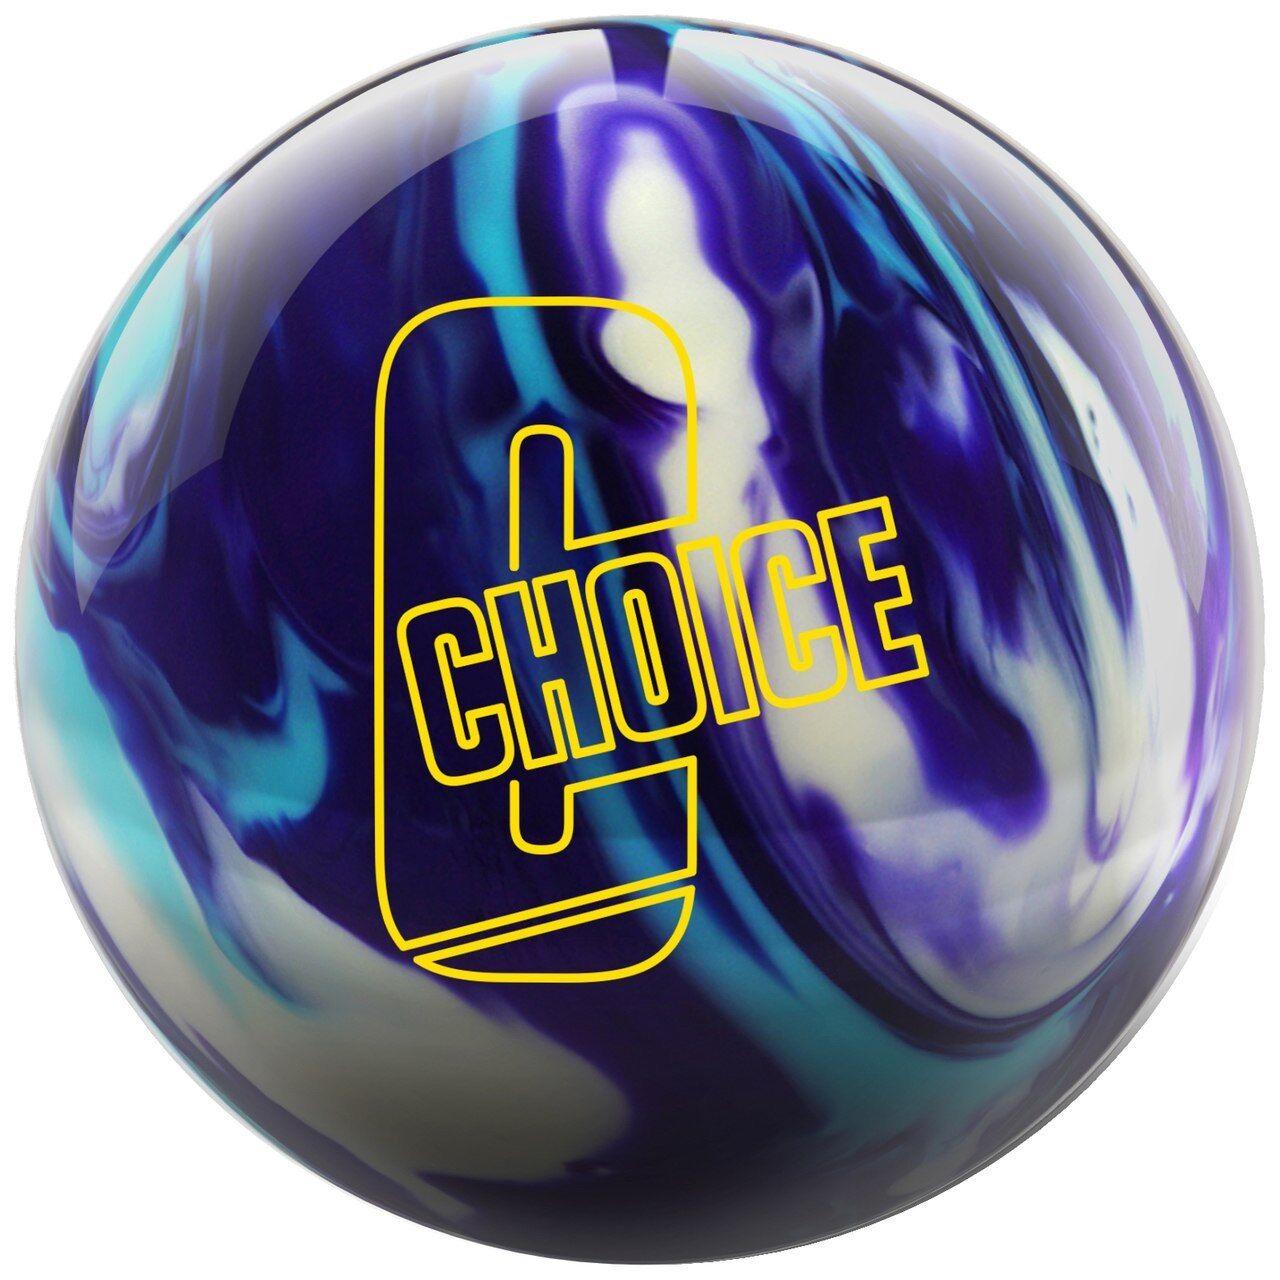 Ebonite Choice Pearl Bowling Ball NIB 1st Quality